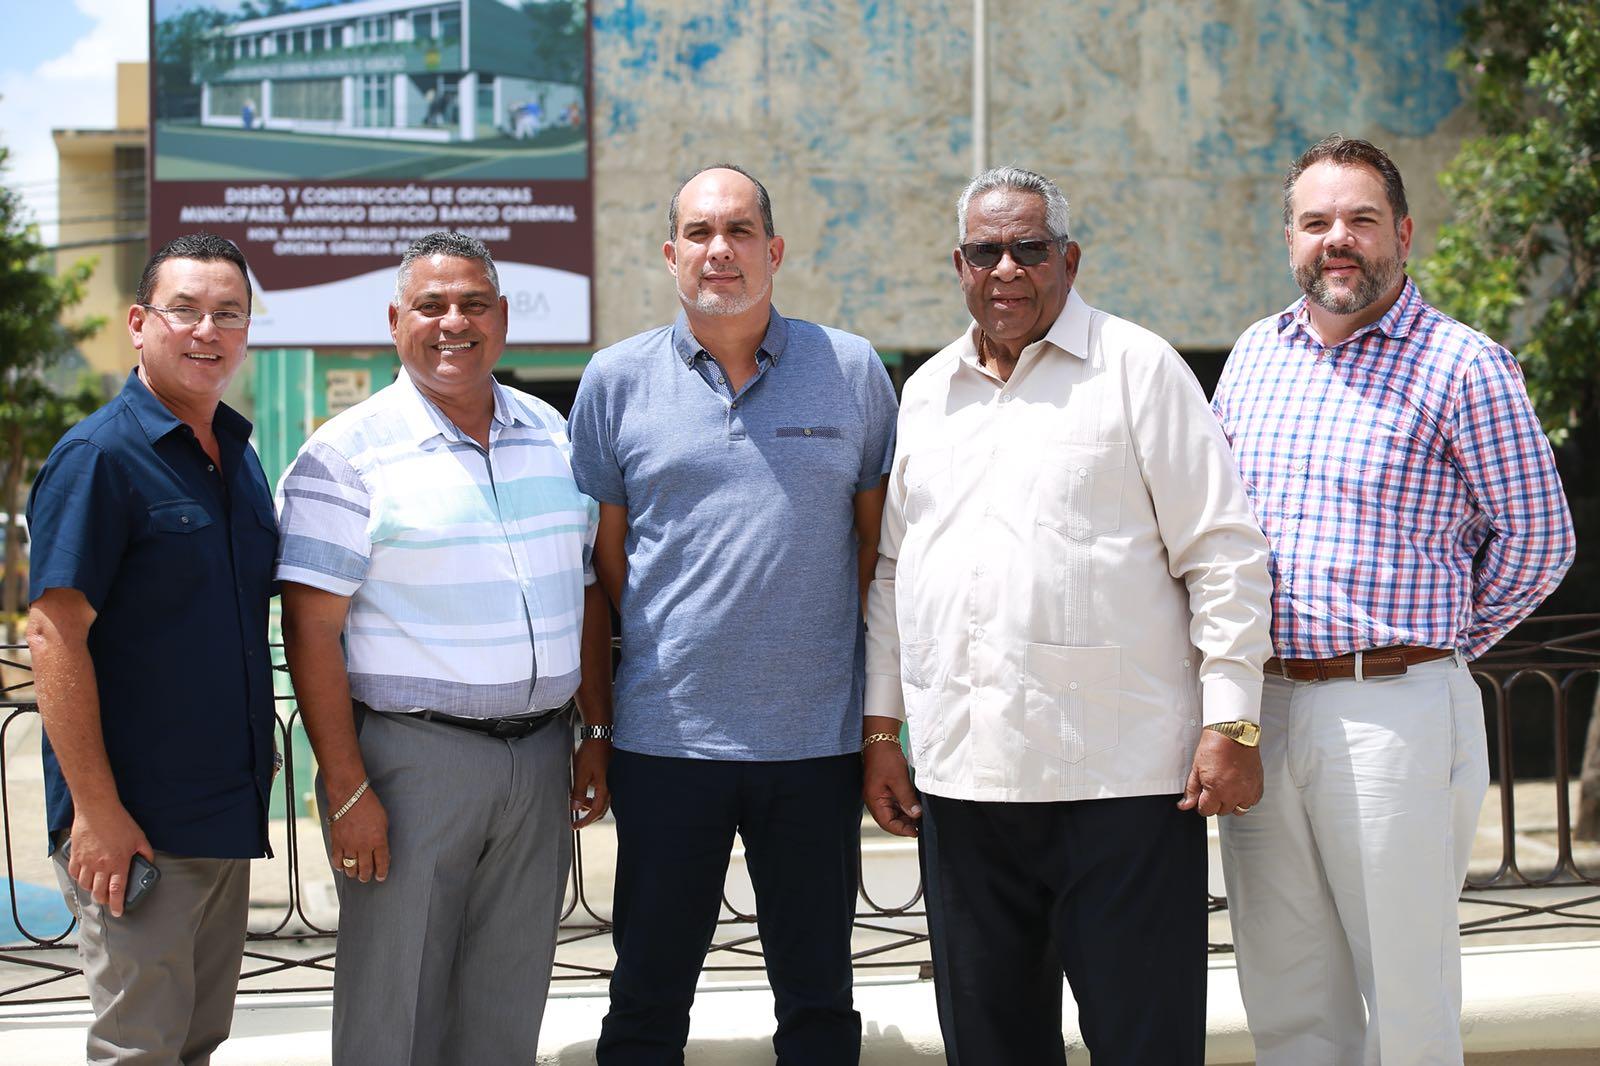 De izquierda a derecha: El presidente de Top Construction & More, Edgar De Jesús; el administrador Municipal, Luis Raúl Sánchez; el director de Gerencia de Proyectos, Alexander Tirado; el alcalde de Humacao, Marcelo Trujillo Panisse y el arquitecto Rene Acosta de Builder Atelier.